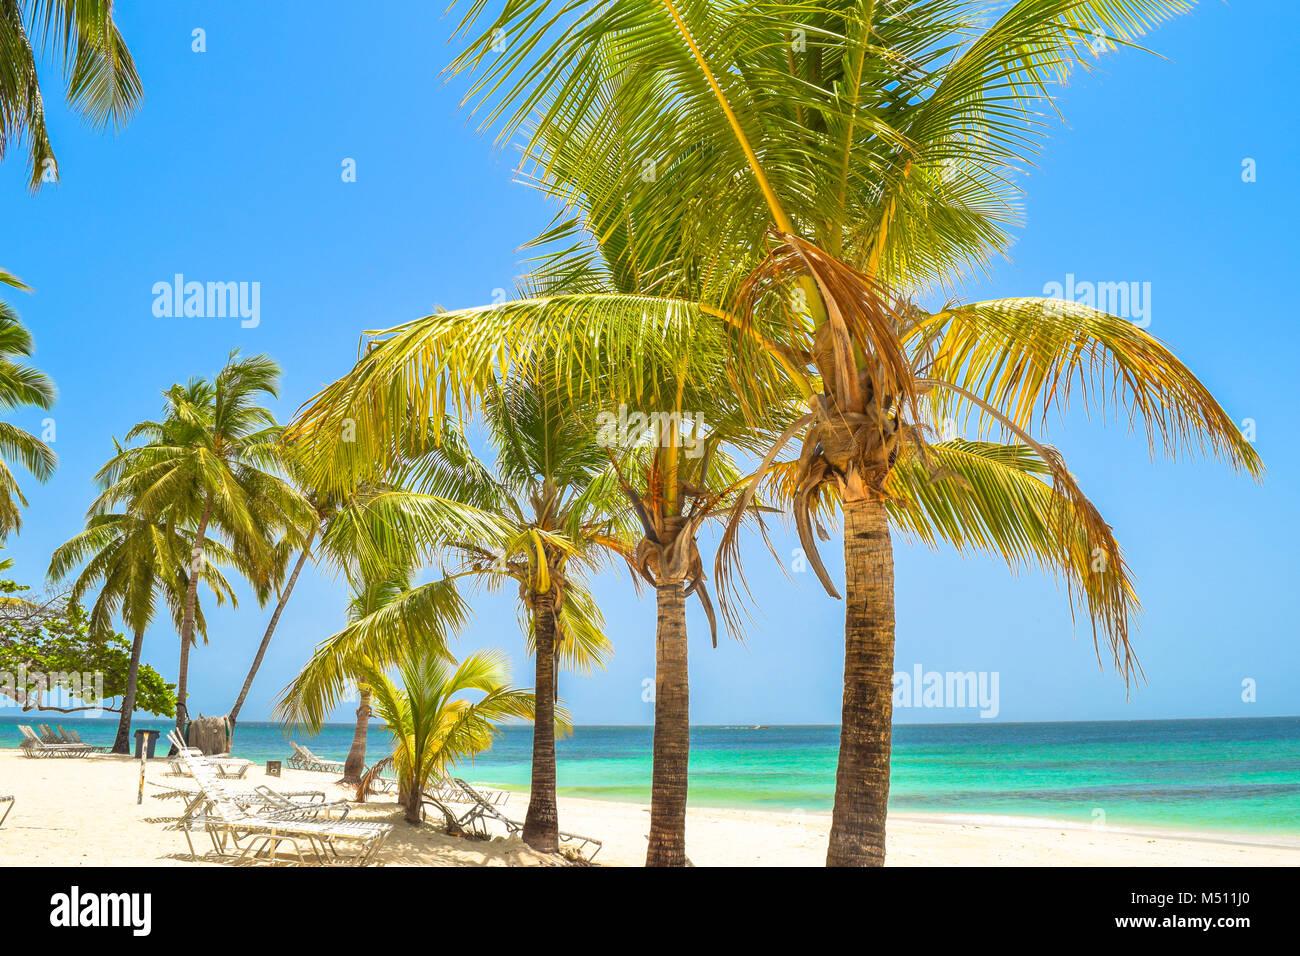 Belle plage avec transats, palmiers, ciel bleu et l'eau turquoise, la République dominicaine, Samana, petite Photo Stock